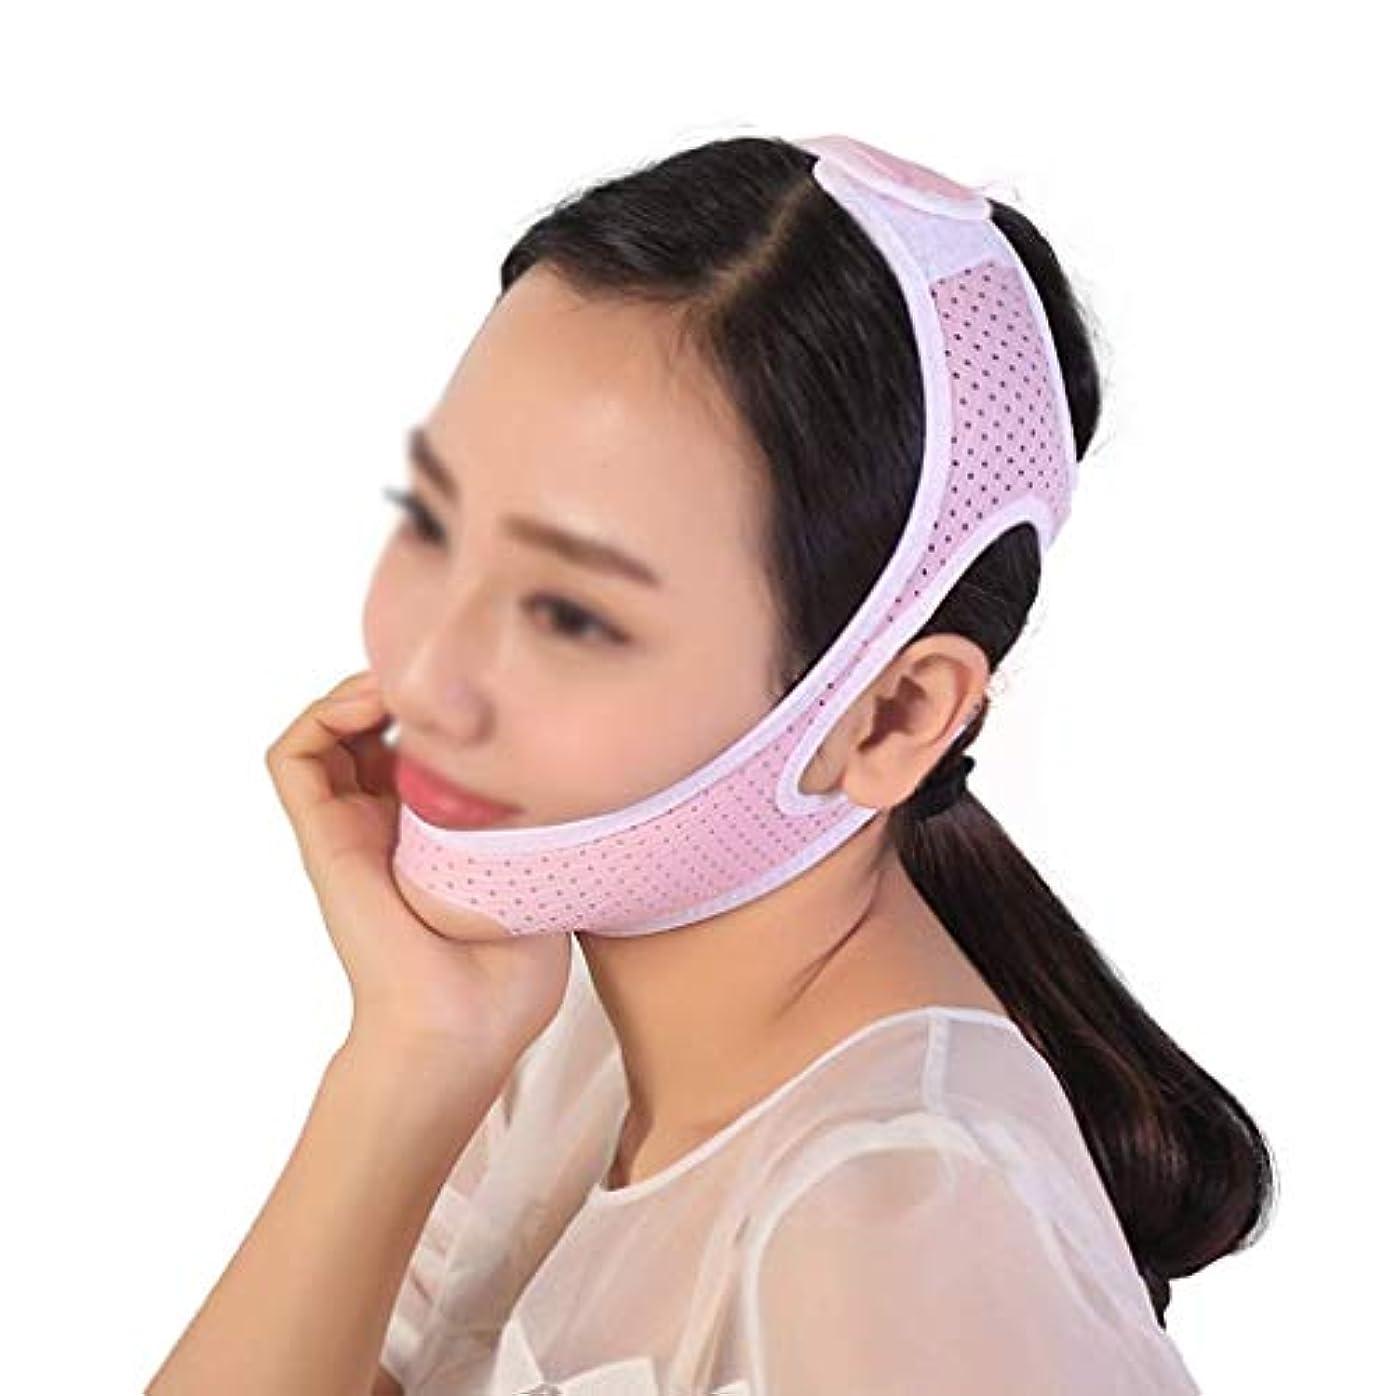 フェイスリフトマスク、顔の皮膚の首のあごのラインを改善、リフトフェイス、細い頬マスク、細いチンチーク細いV(ピンク)(サイズ:M),L